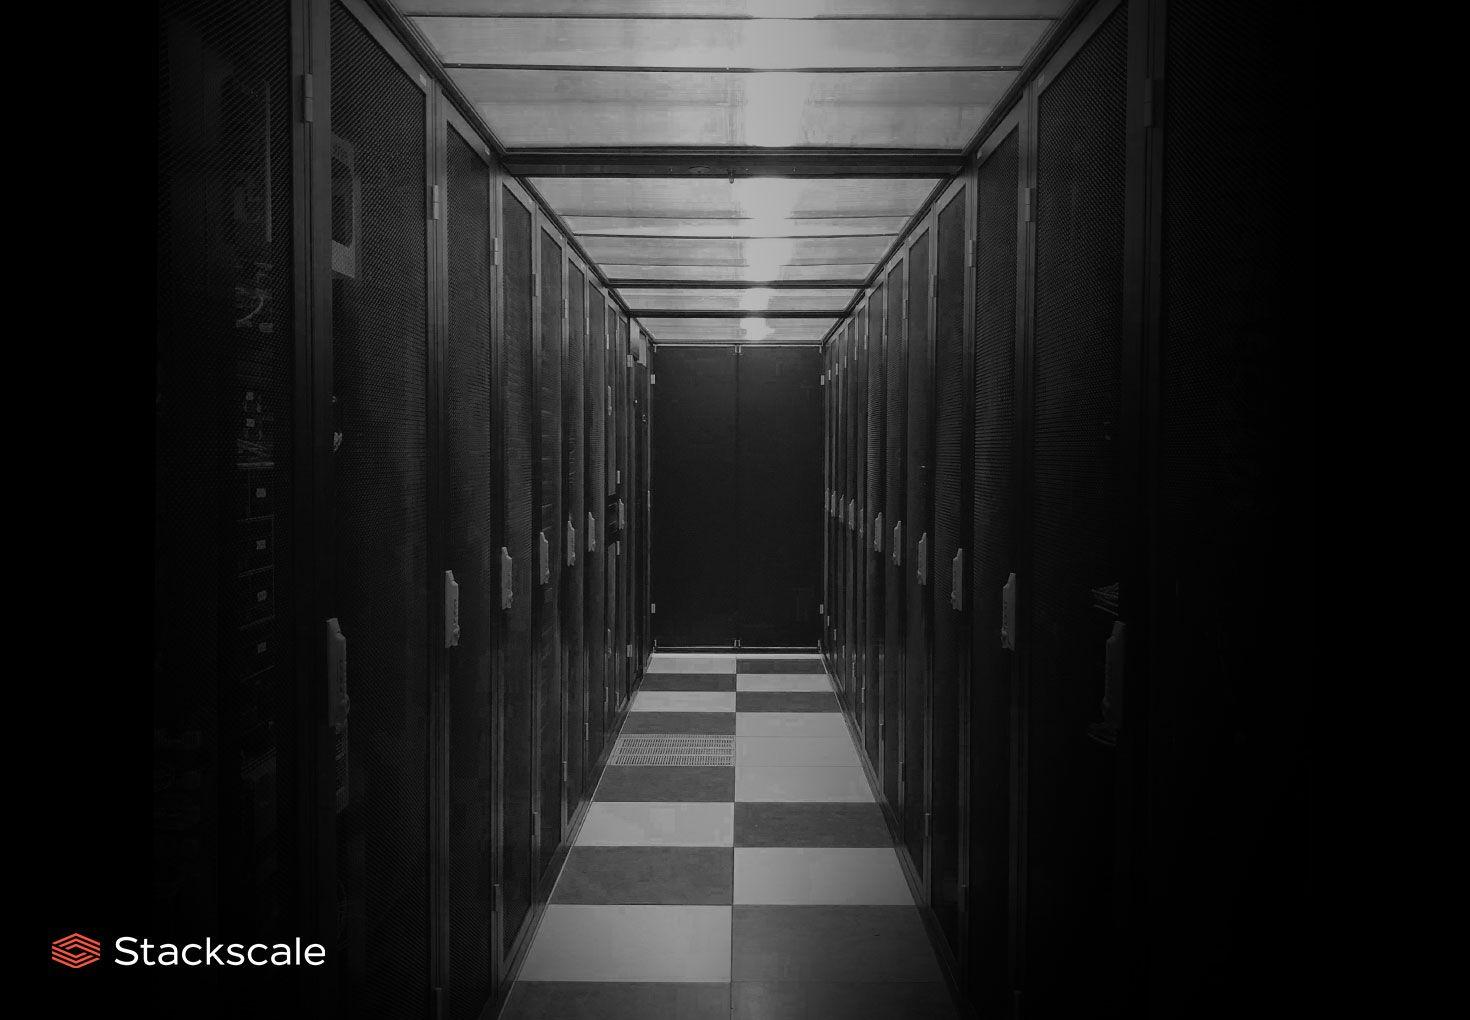 El proveedor de cloud español Stackscale abre nuevos data centers en Madrid y Ámsterdam